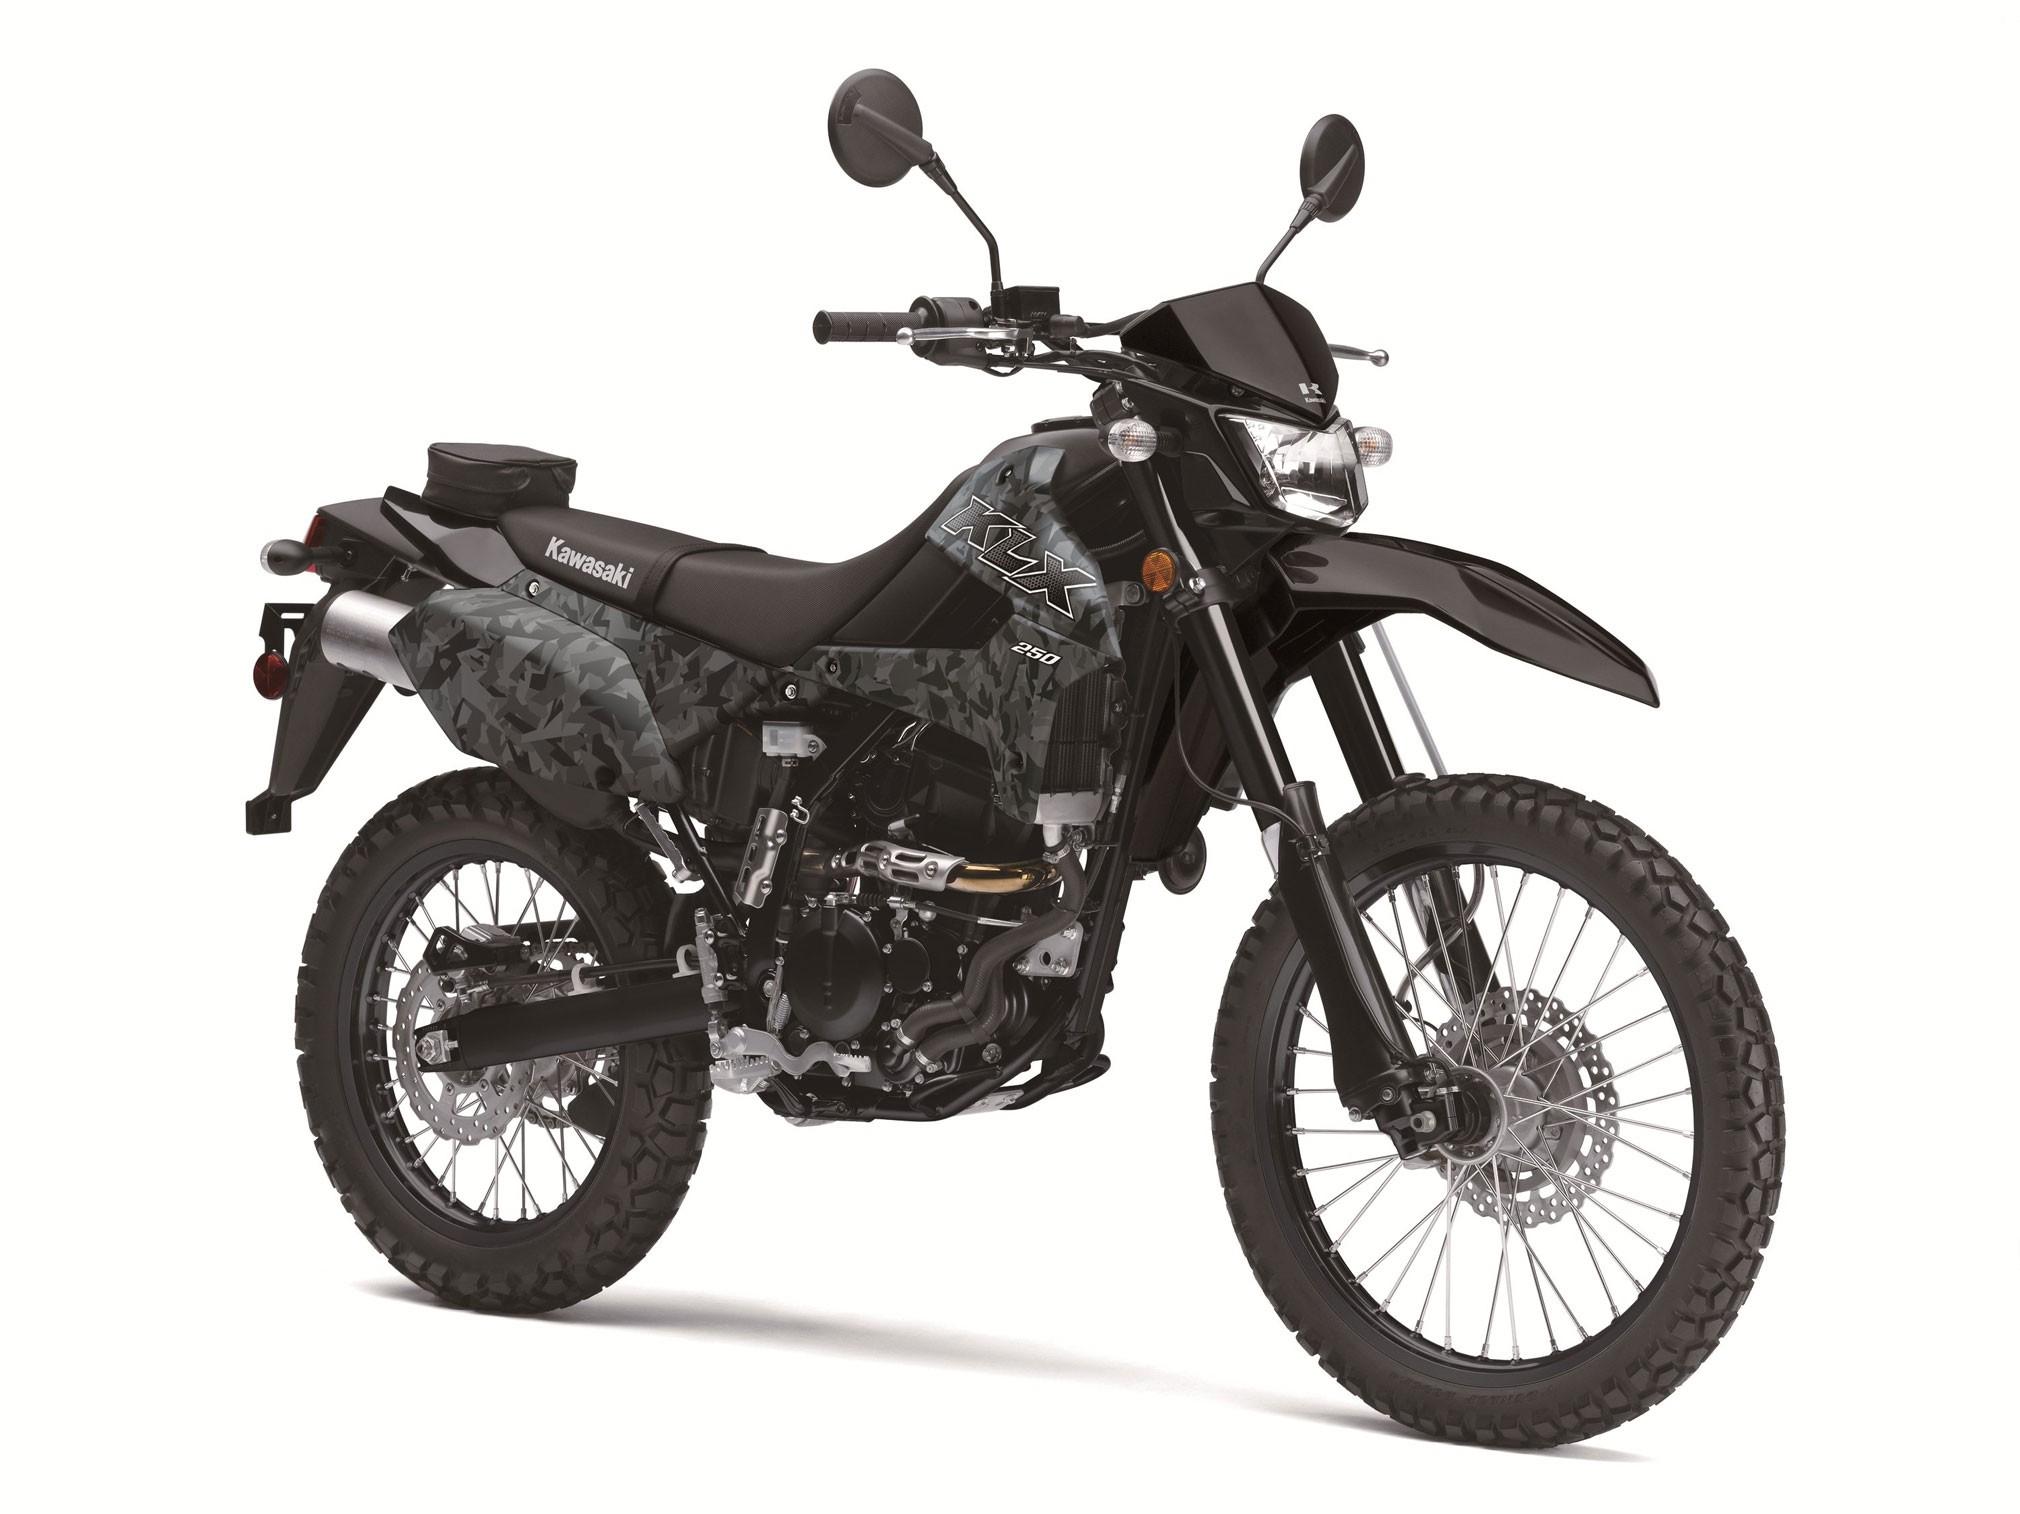 Kawasaki Klx 250 электрическая схема 2020 Kawasaki Klx250 Camo Guide • total Motorcycle Of Kawasaki Klx 250 электрическая схема